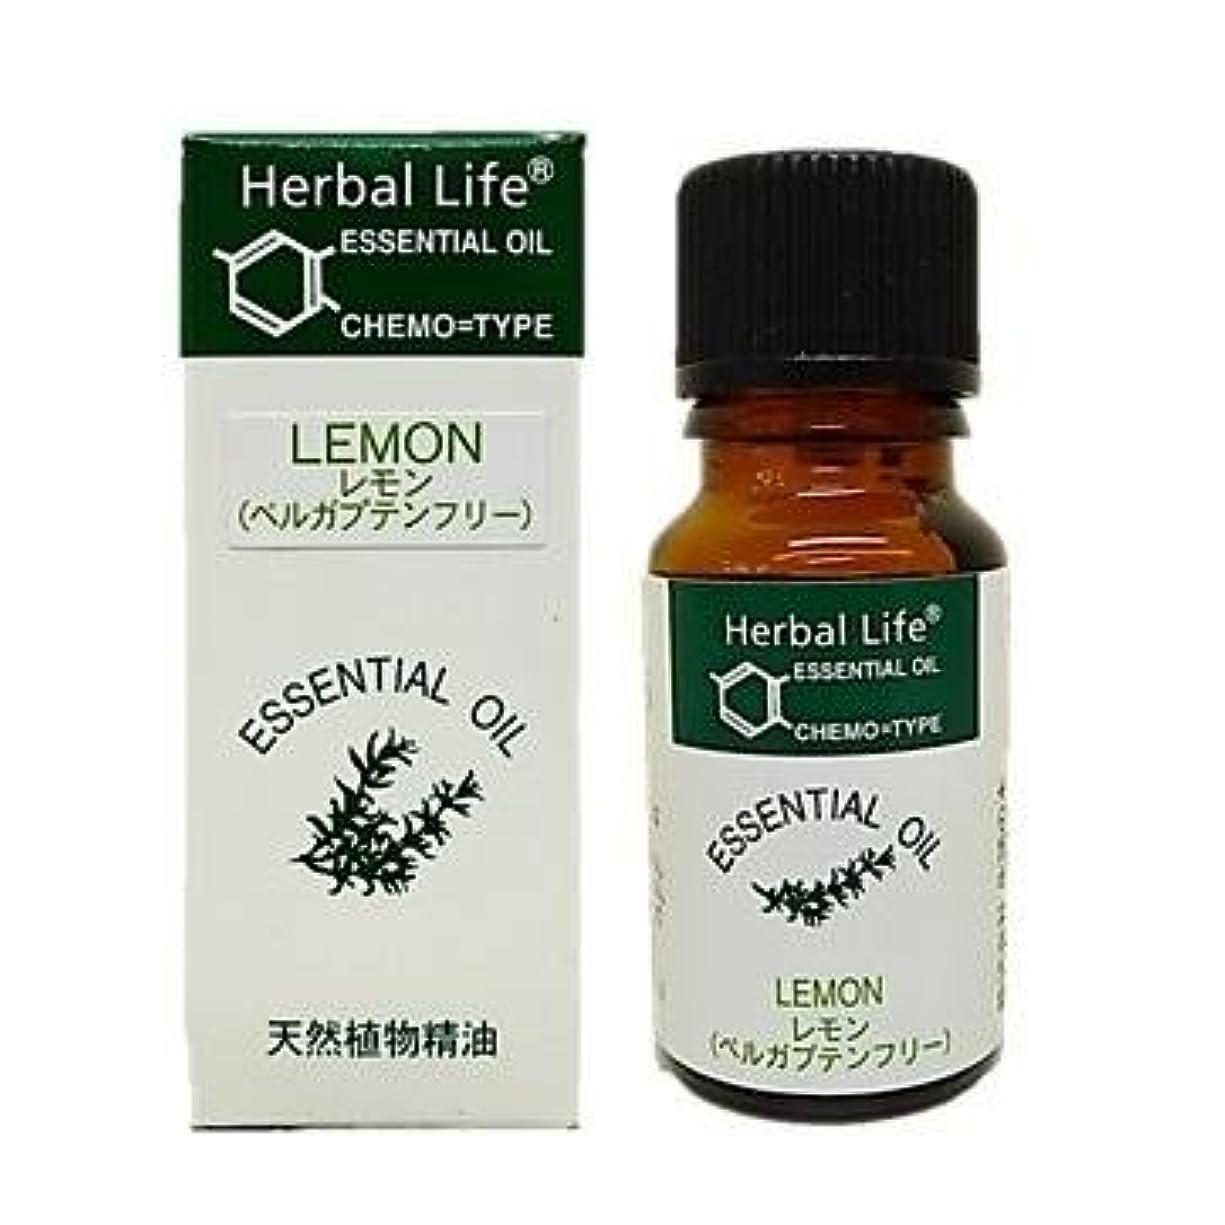 ブルジョンであることダム生活の木 レモン(フロクマリンフリー)10ml エッセンシャルオイル/精油